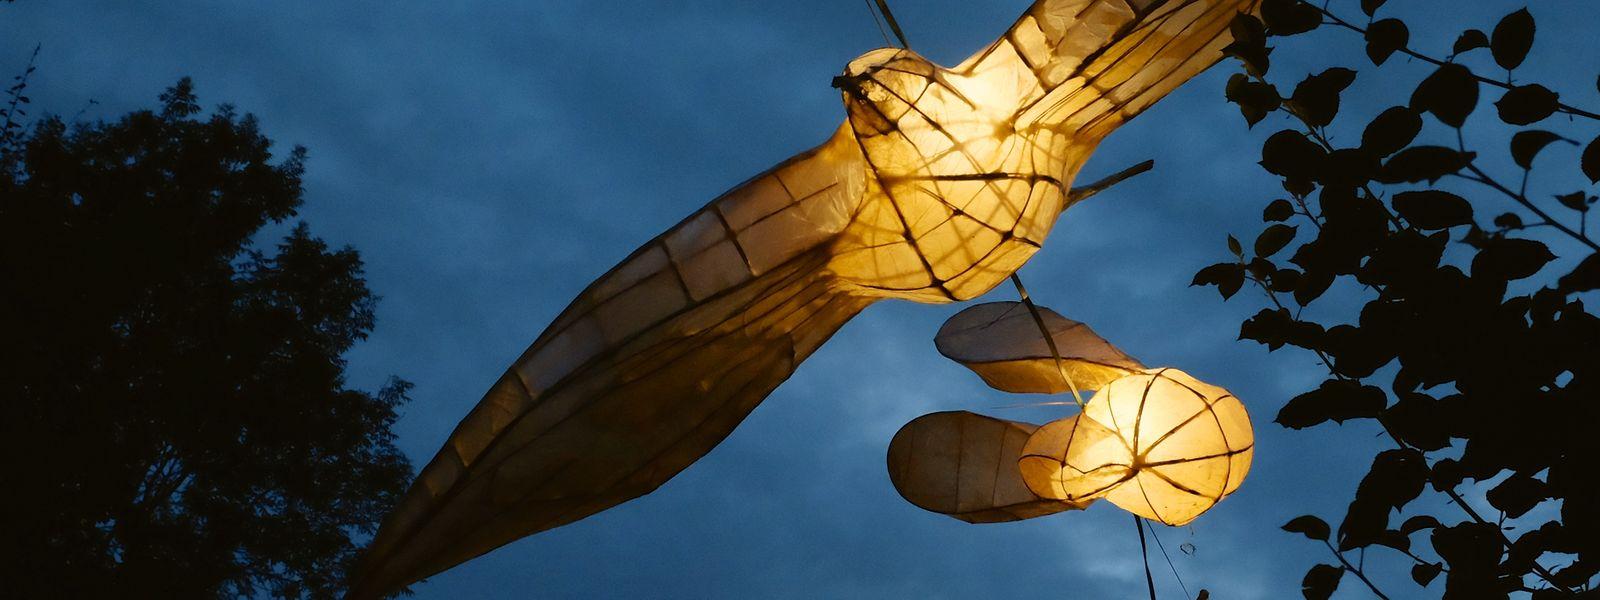 Zahlreiche Lampions sorgten für eine Wunderwelt aus Licht.